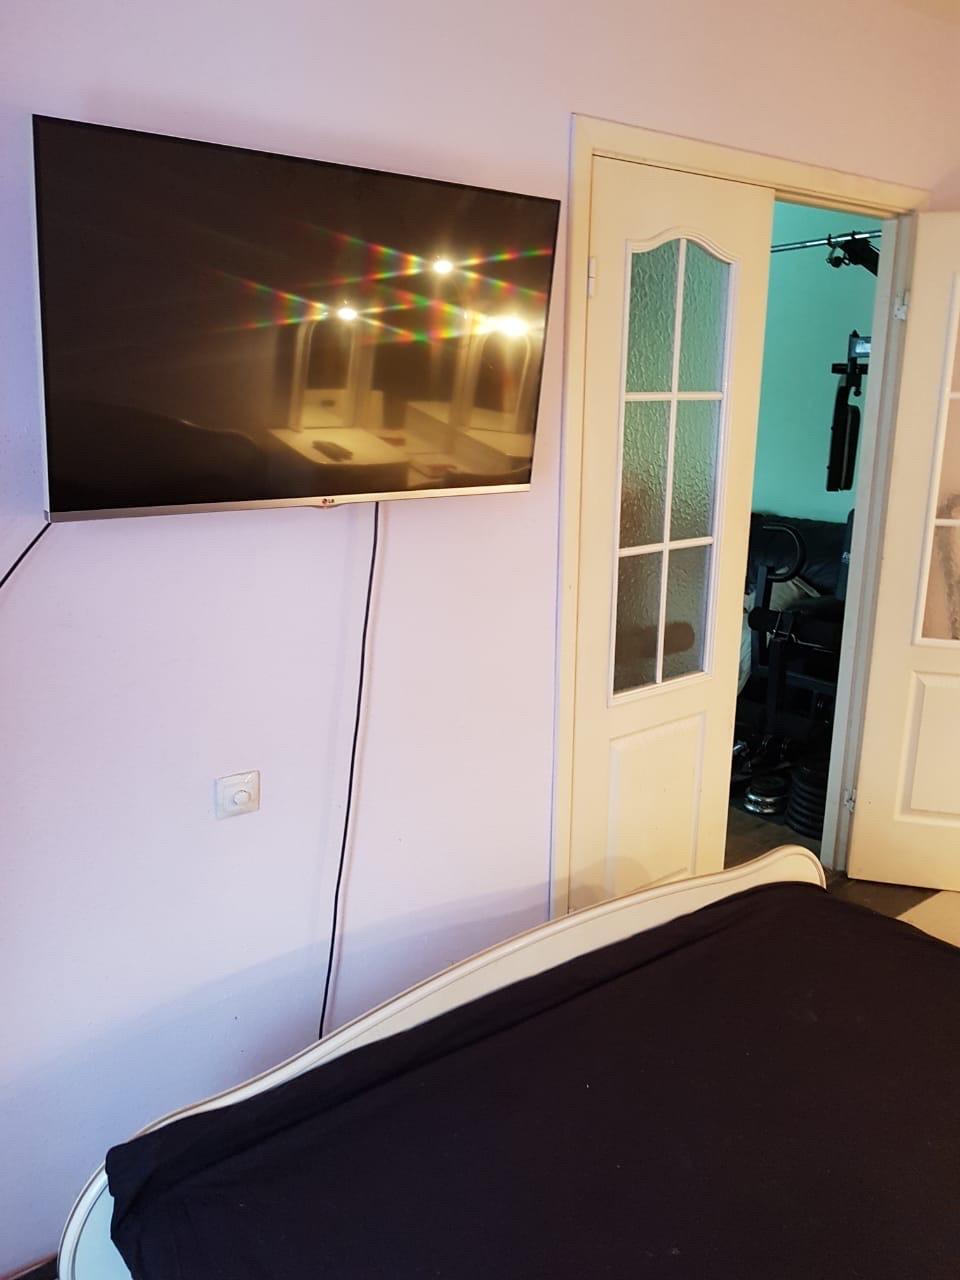 Квартира, 2 комнаты, 45 м² в Москве 89031007769 купить 4